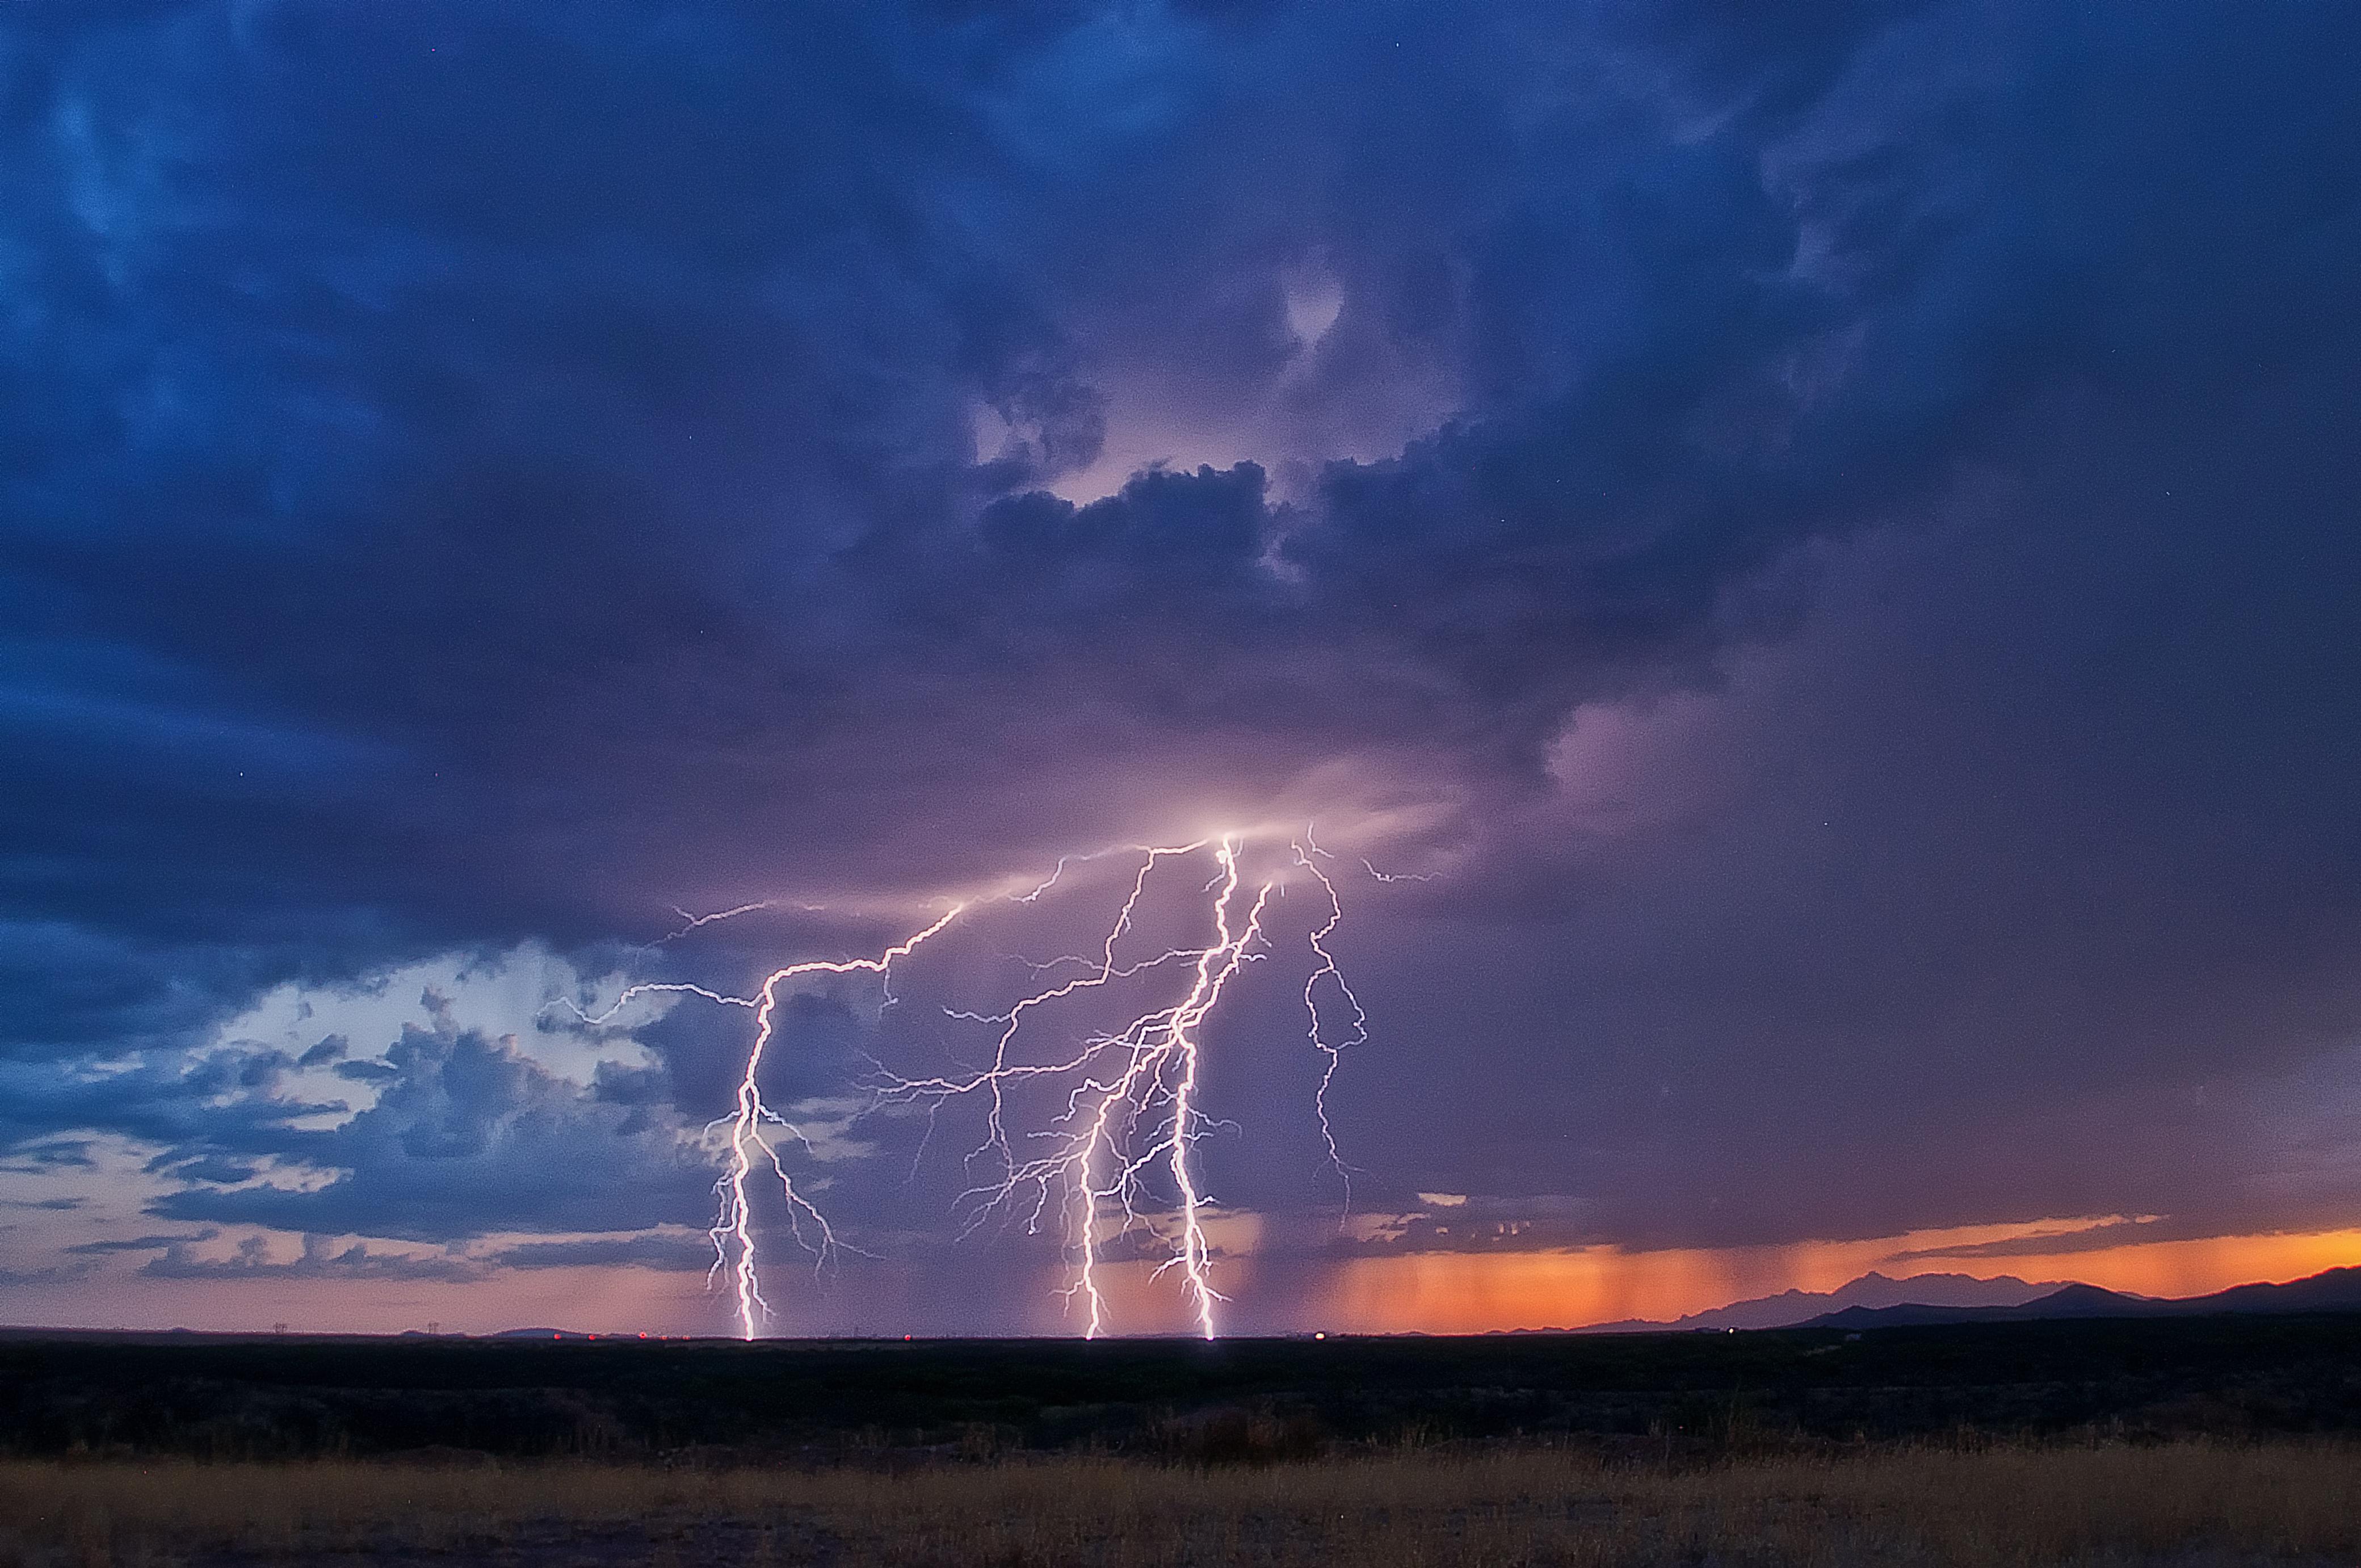 красивые картинки погодных явлений поселяются только